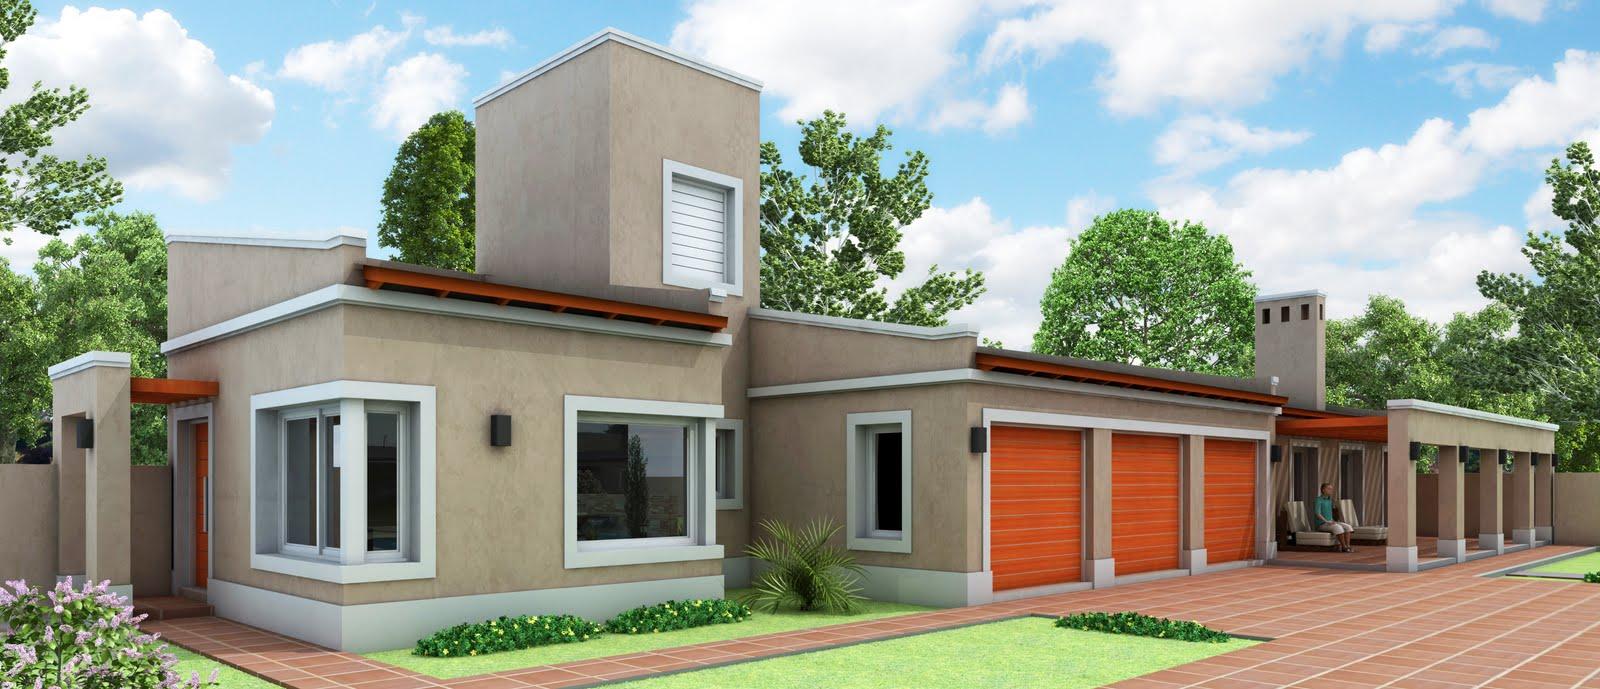 Arquitectura render quincho cocheras y oficina personal for Casas quintas modernas